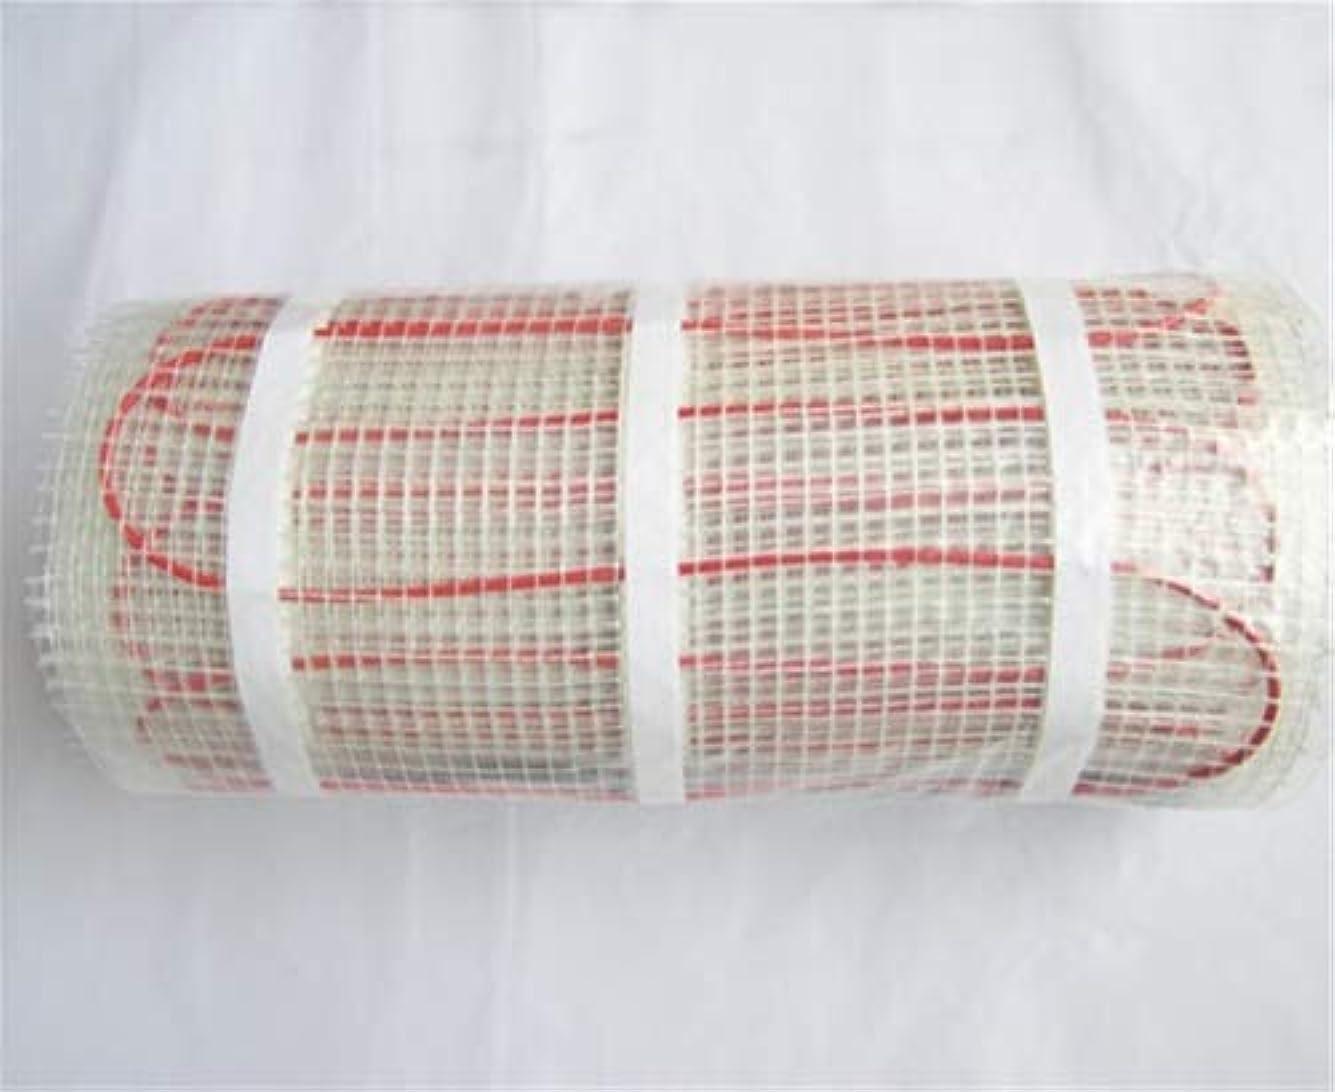 瀬戸際あいにくただやるパネルヒーター タイル、陶磁器、磁器、石造りの床等のためのM2ごとの床暖房の床暖房のマット230V 200w 200W / m2-4.5m2ランダムな色配達